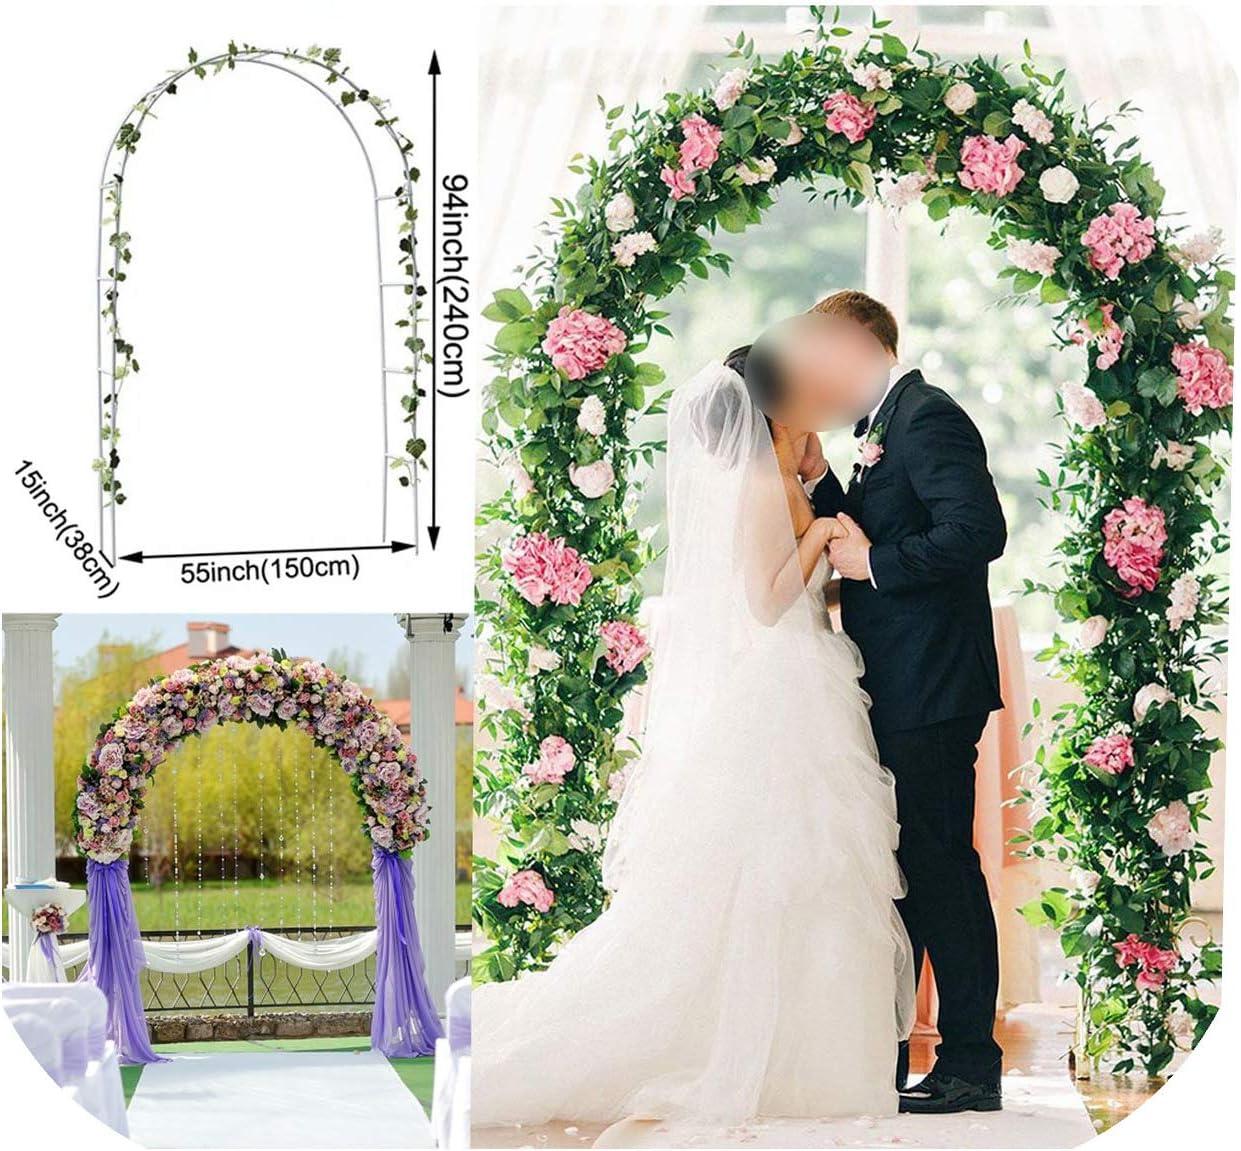 Fun--Store--eu Wedding Arch Arcos de Hierro para decoración de Bodas, pérgola de jardín, Soporte de Flores, Globo de Boda, Arco, decoración de Fiesta Blanca, Color: Amazon.es: Jardín